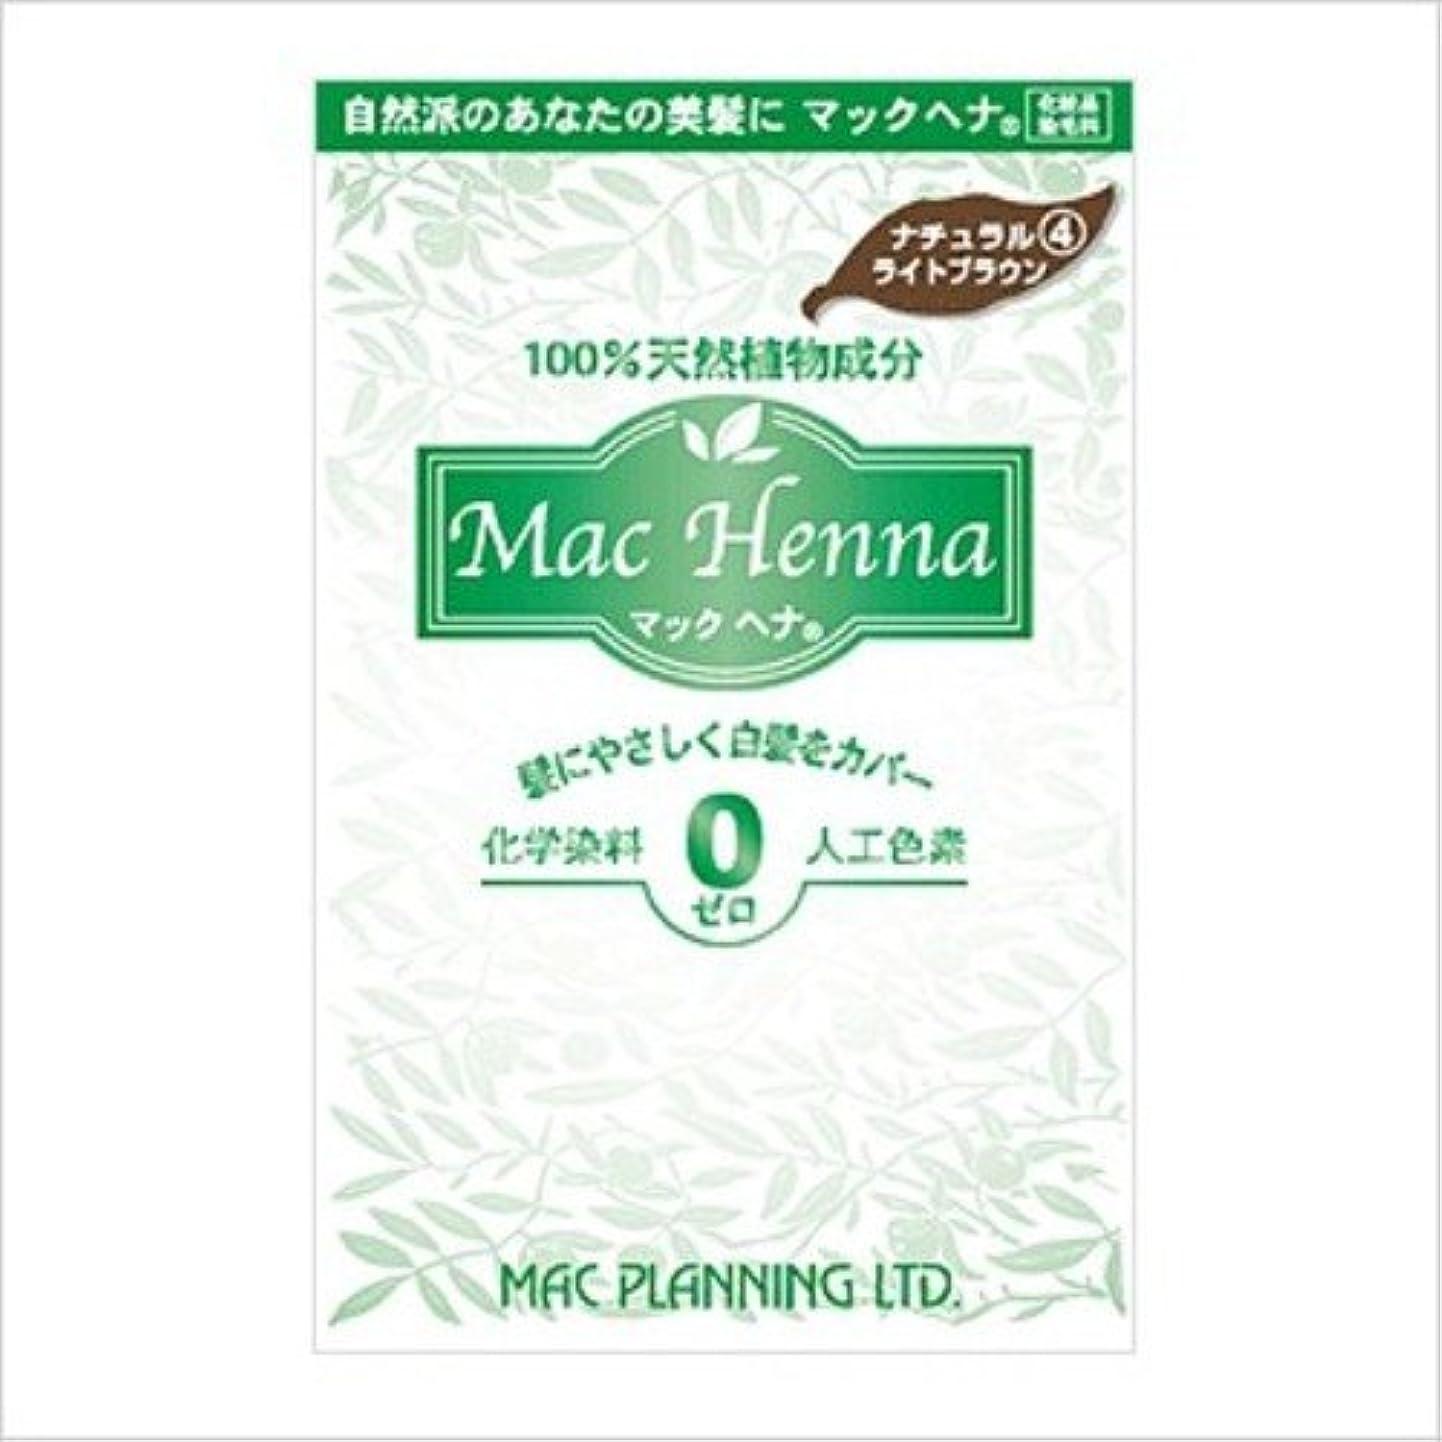 成熟受粉する定期的にマックプランニング マックヘナ ハーバルヘアートリートメント ナチュラルライトブラウン 100g